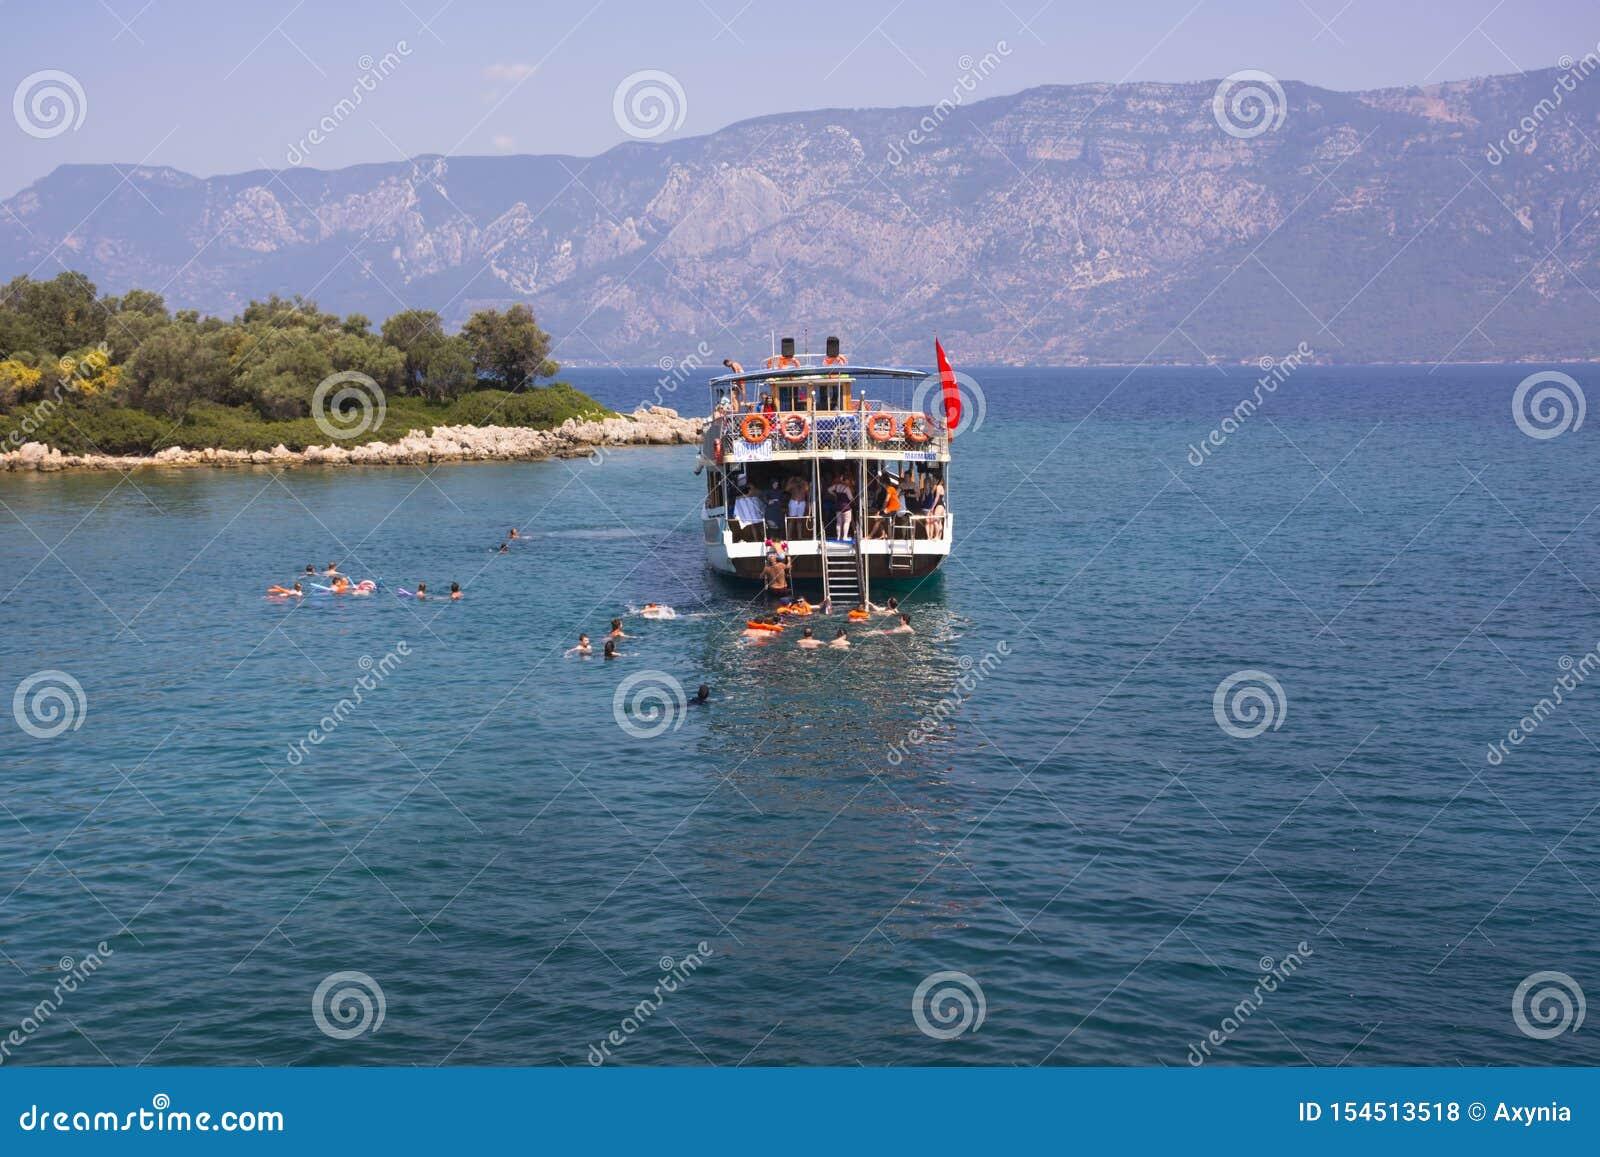 La Turquie, île de la mer Égée - 28 juin 2019 Les gens sautent de naviguer le yacht et le bain en mer ouverte dans les îles de la